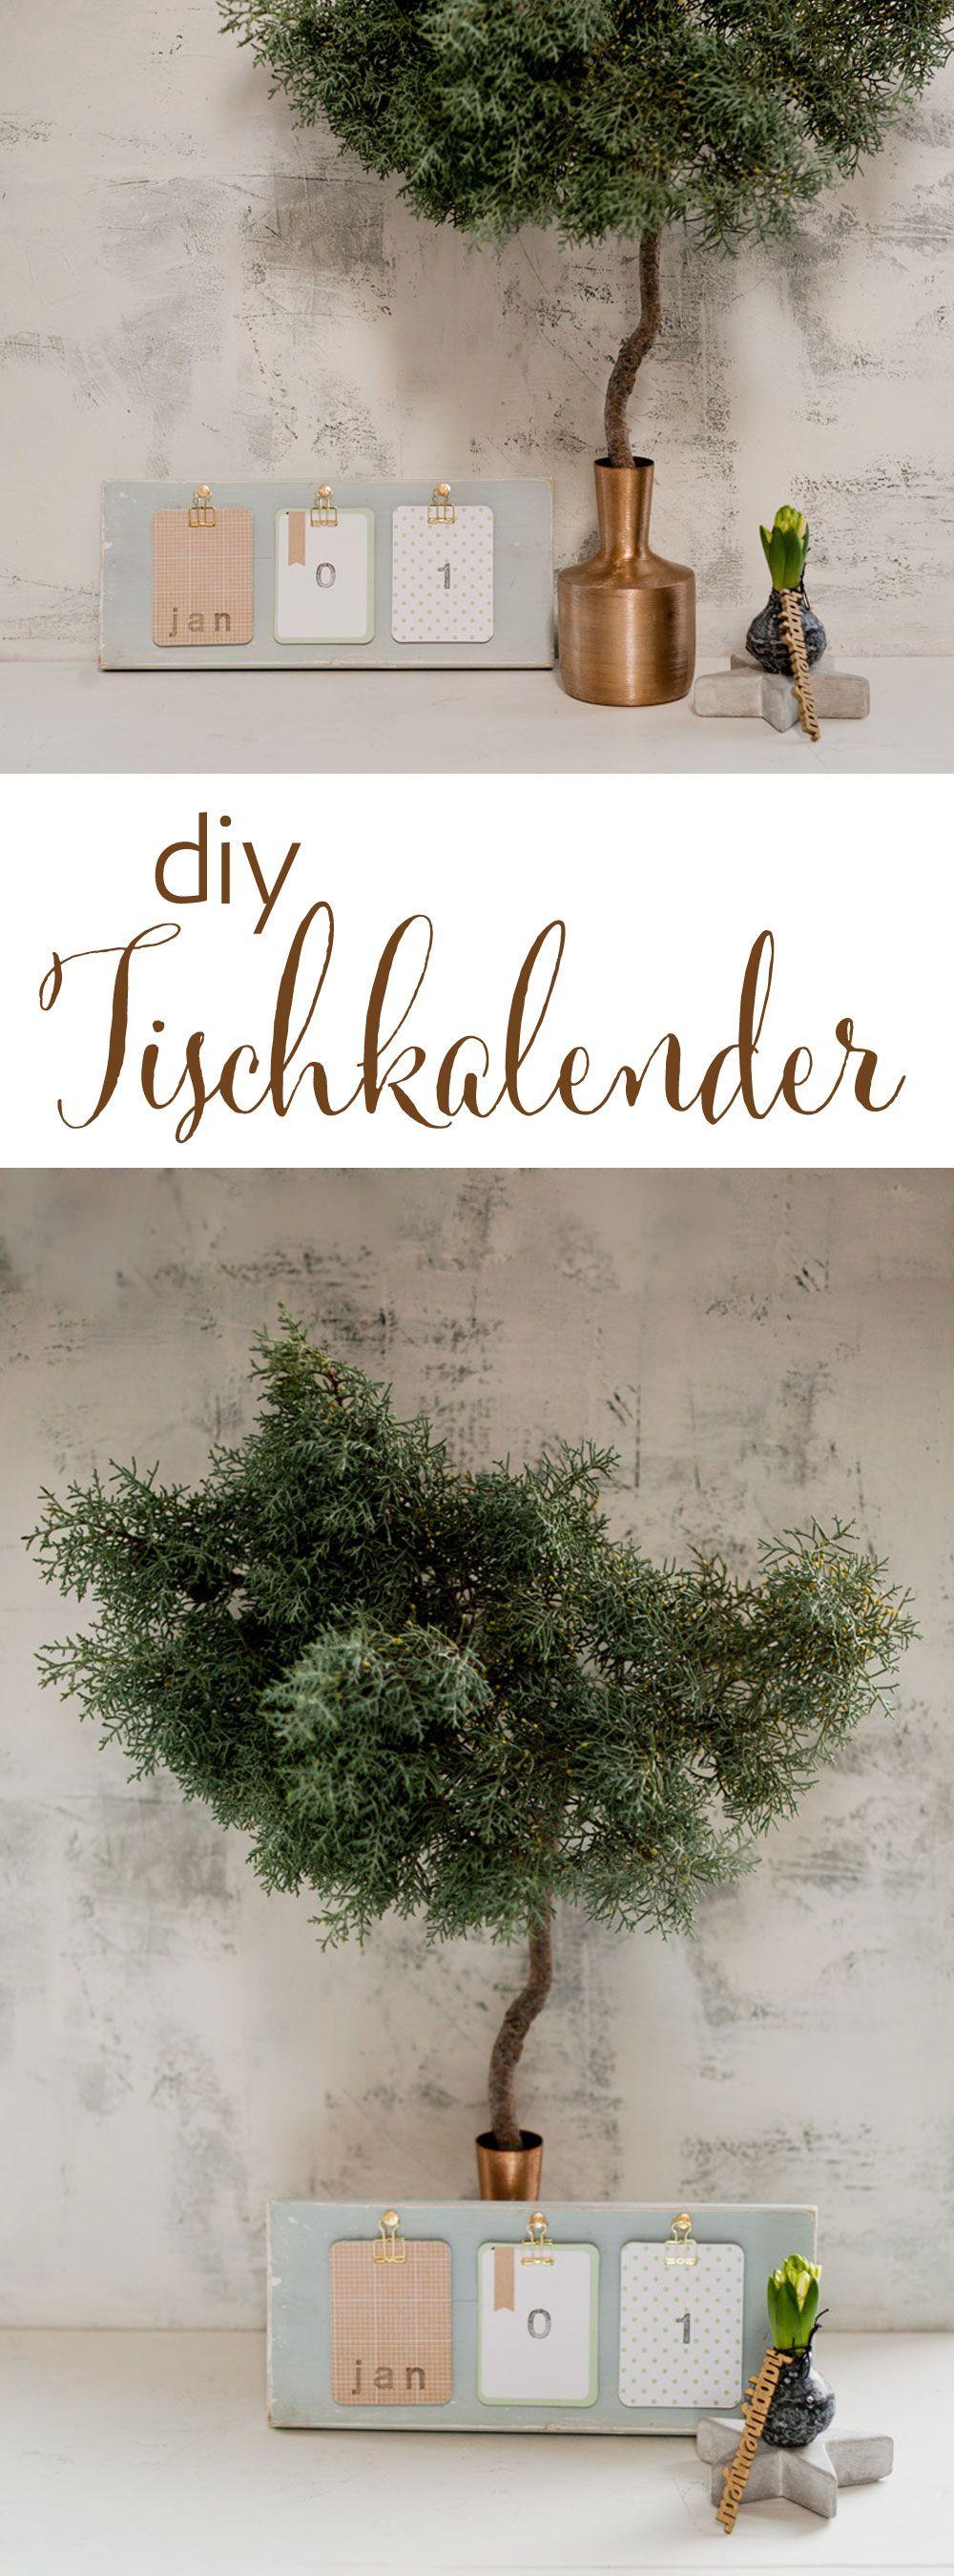 Diy tischkalender f r s neue jahr diy alles deutsch pinterest kalender - Dekoration englisch ...